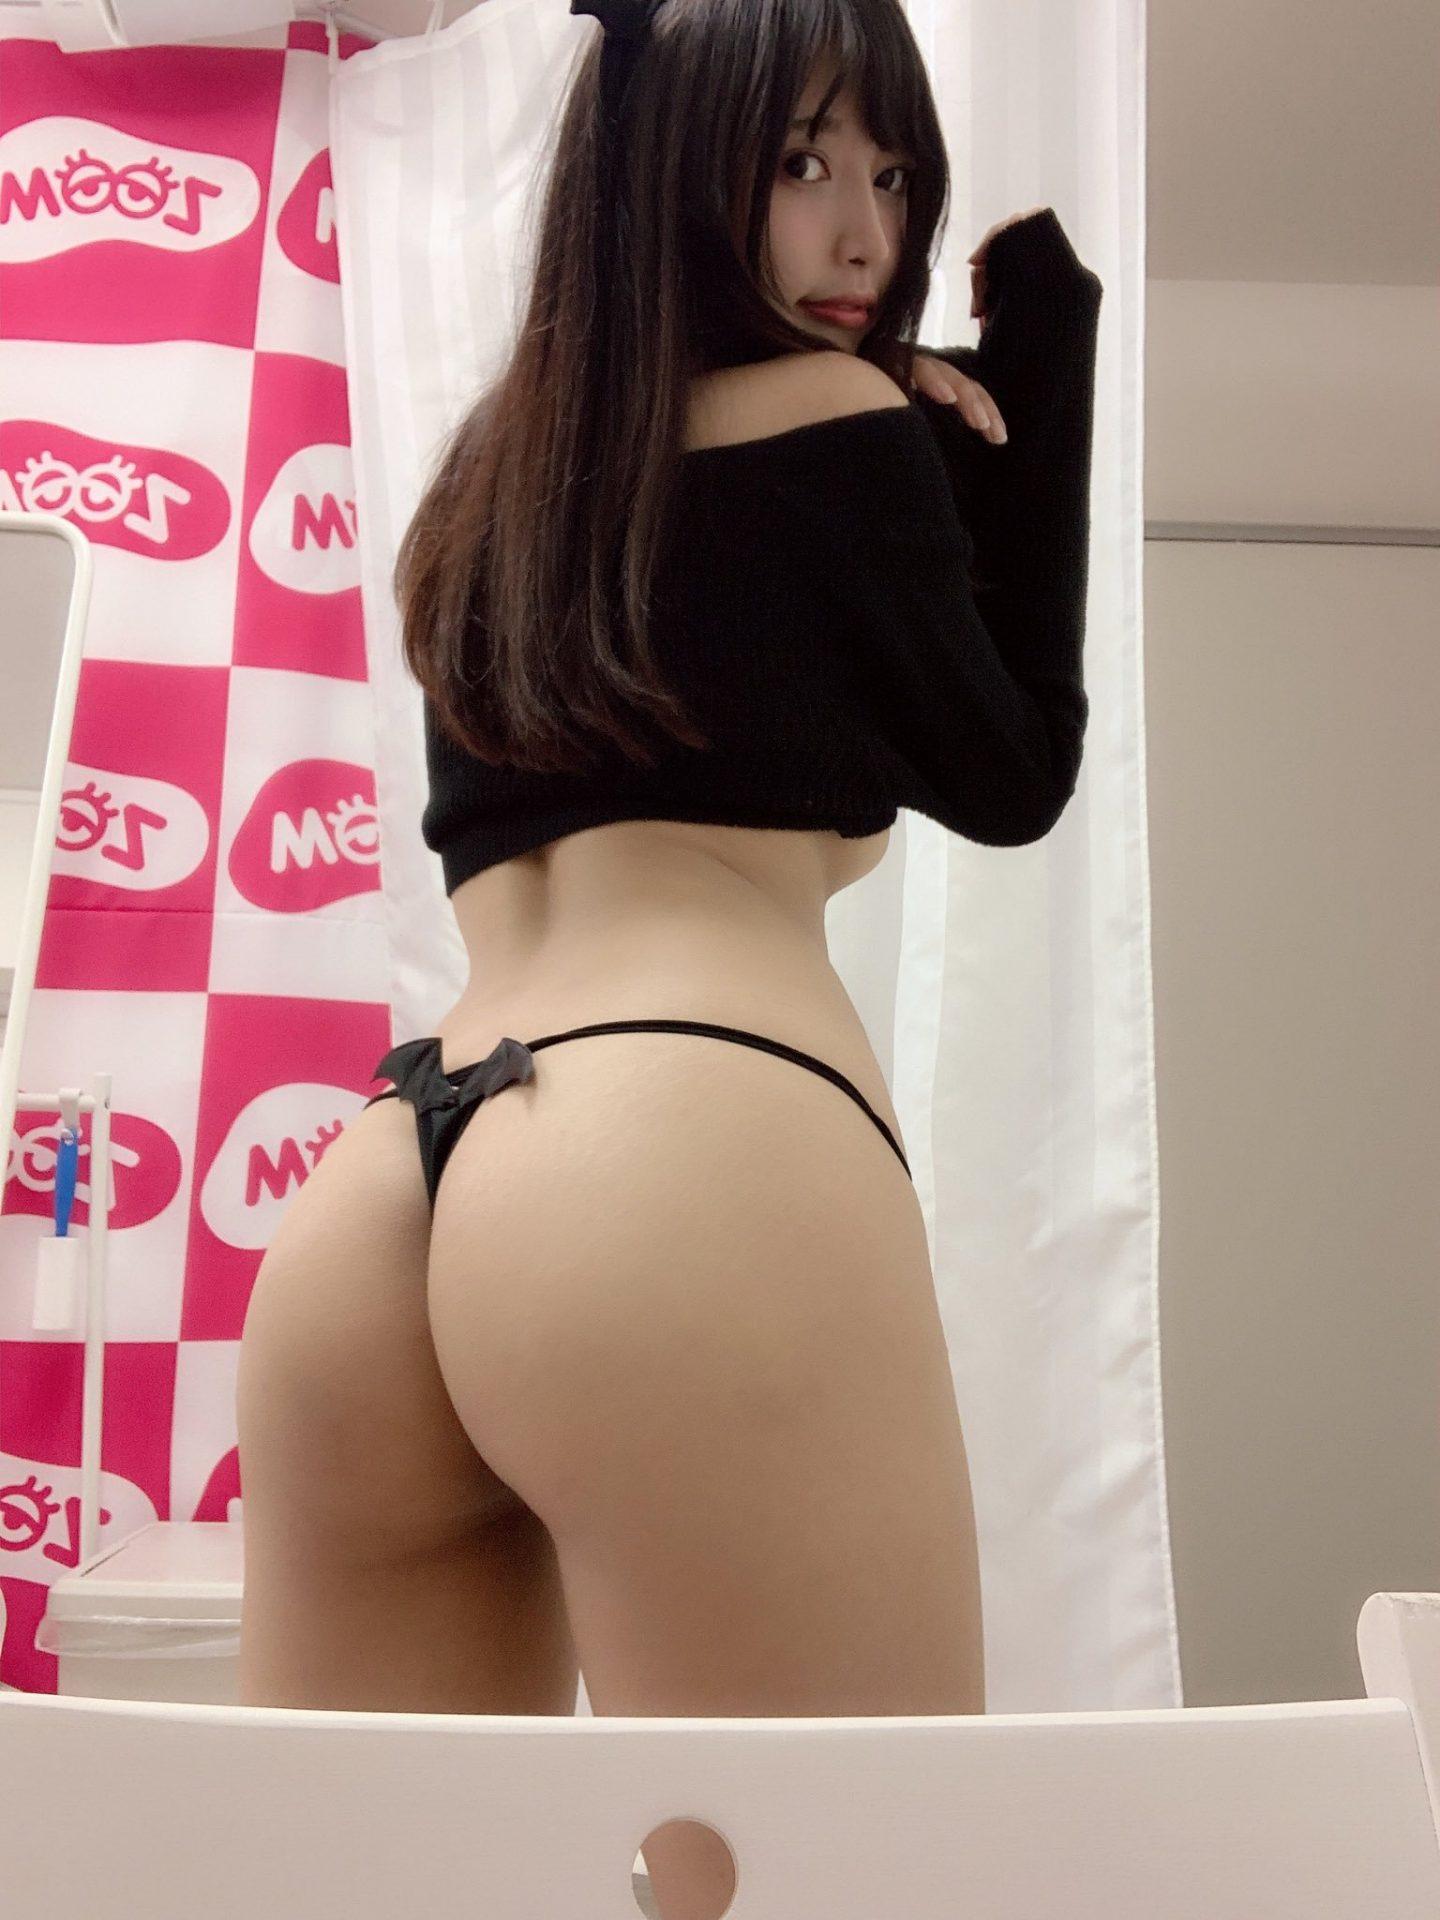 三次元 3次元 エロ画像 美尻 桃尻 プリケツ べっぴん娘通信 24